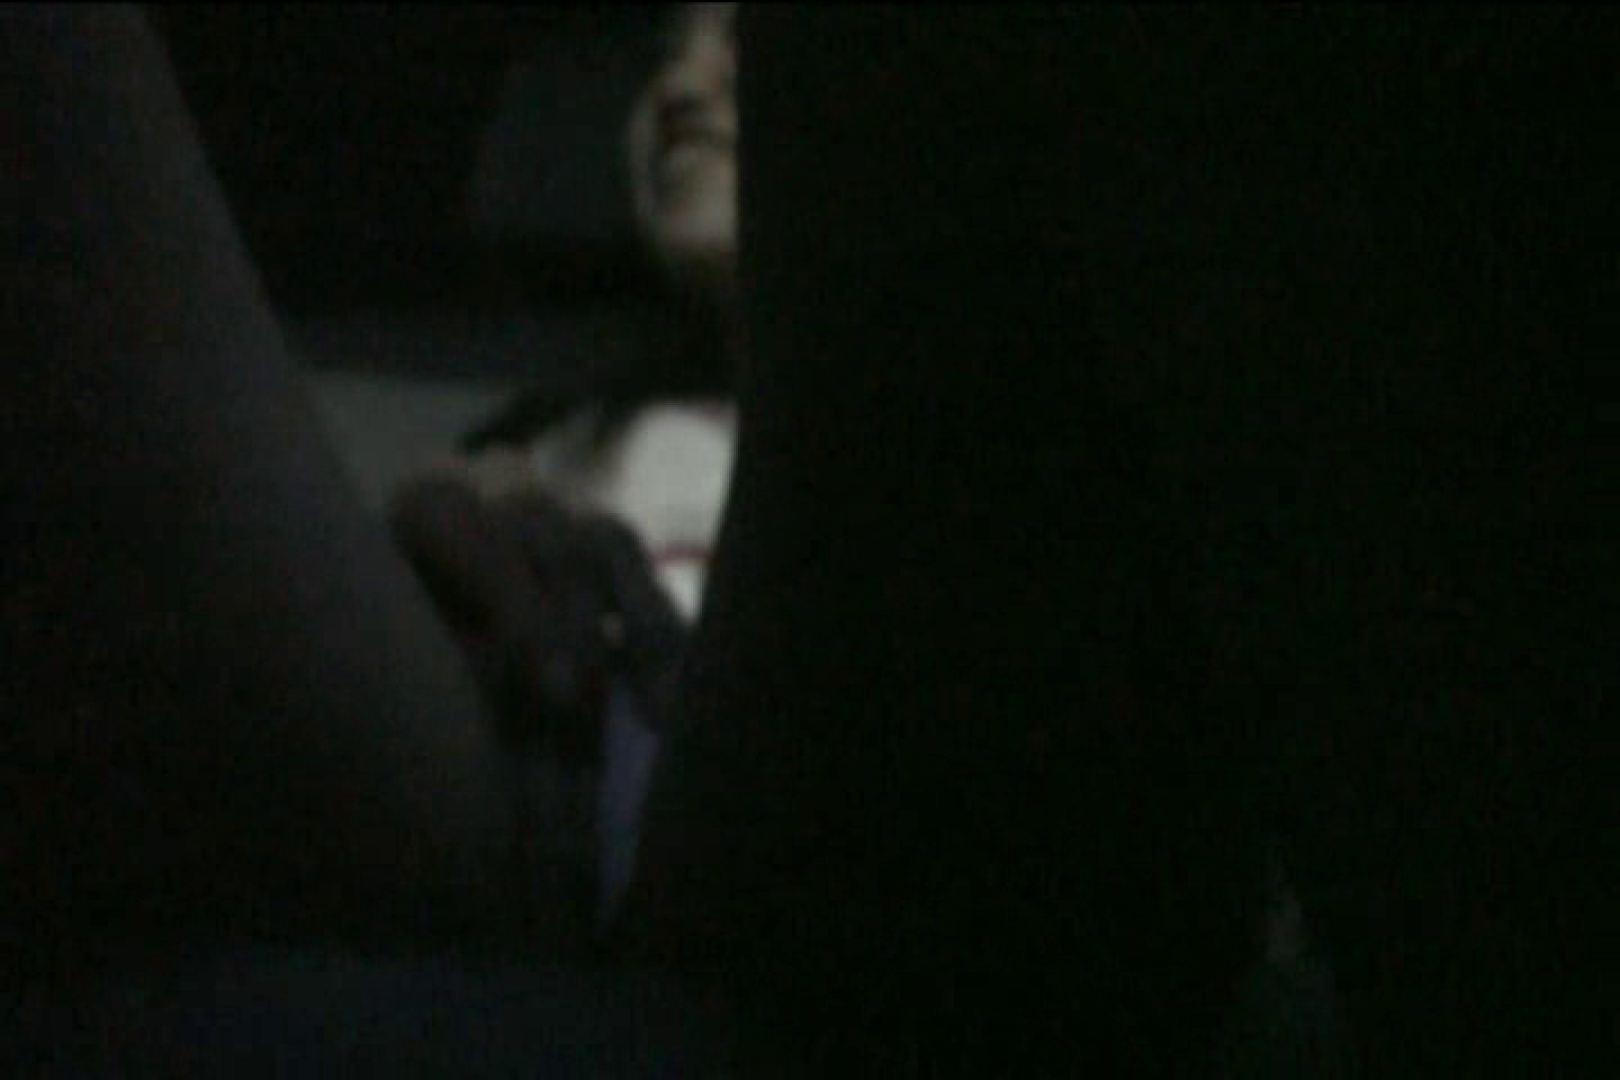 車内で初めまして! vol01 OLのプライベート ワレメ無修正動画無料 13pic 9